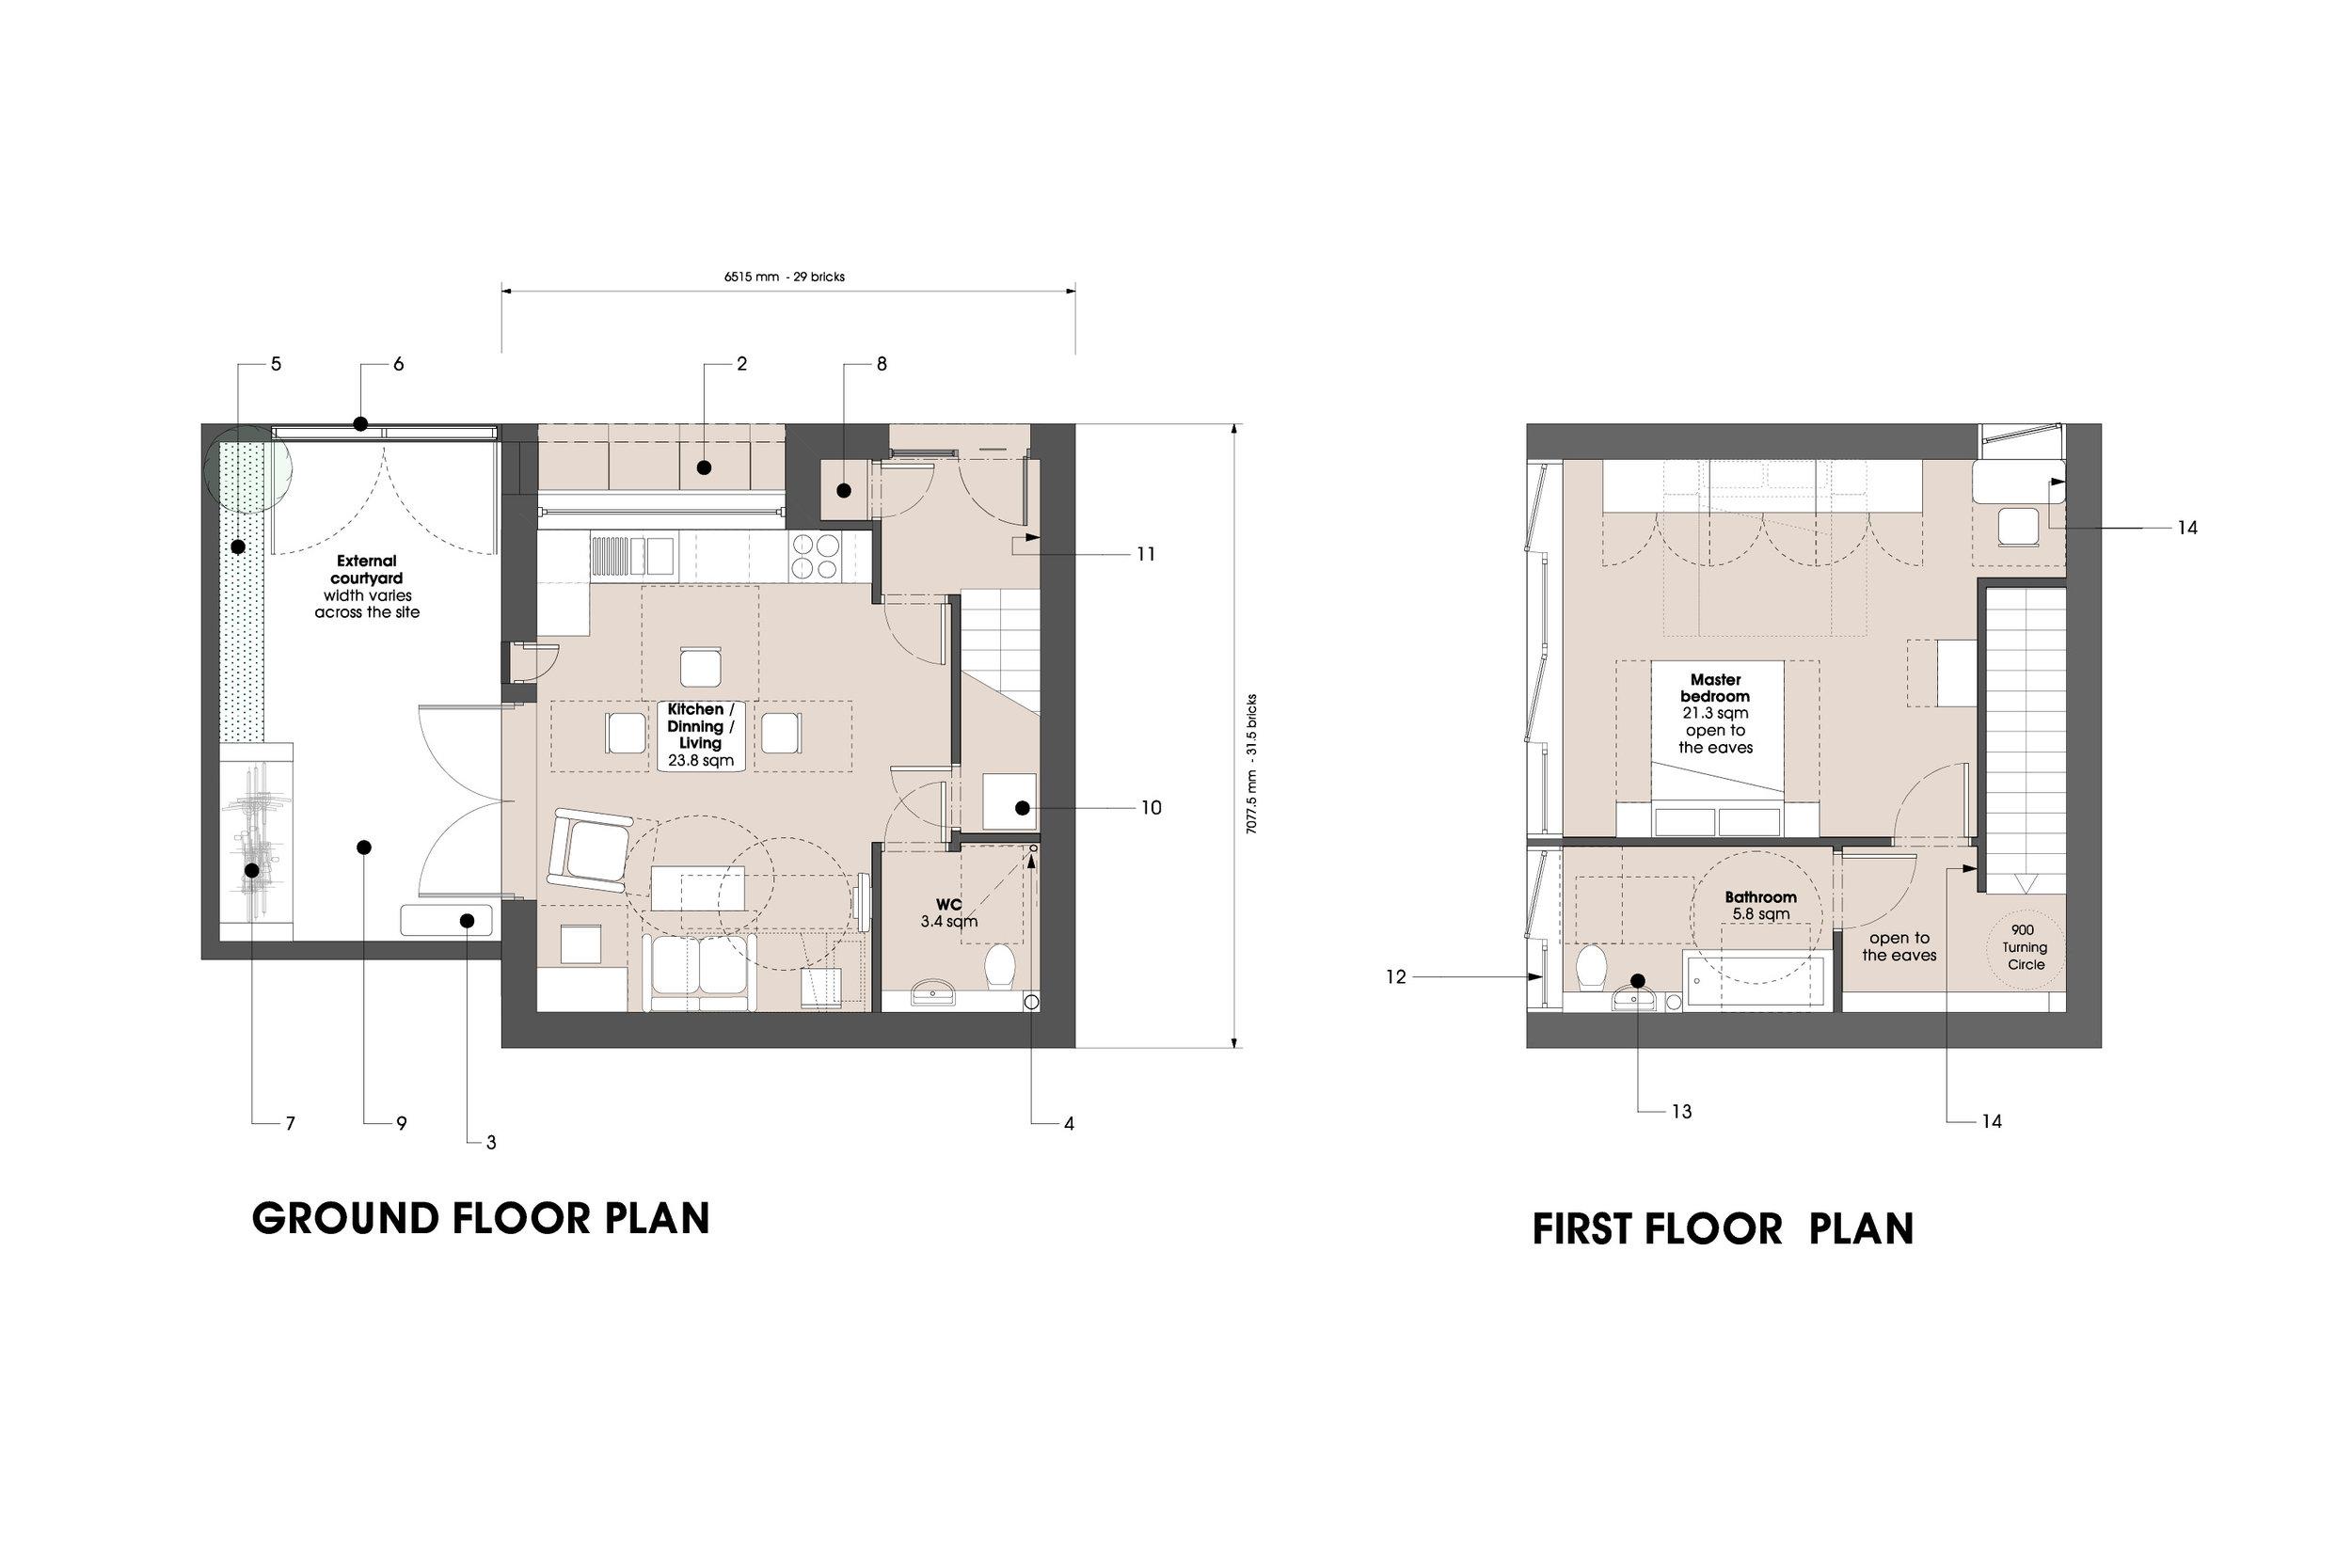 Morpeth Road Peabody Housing6.jpg